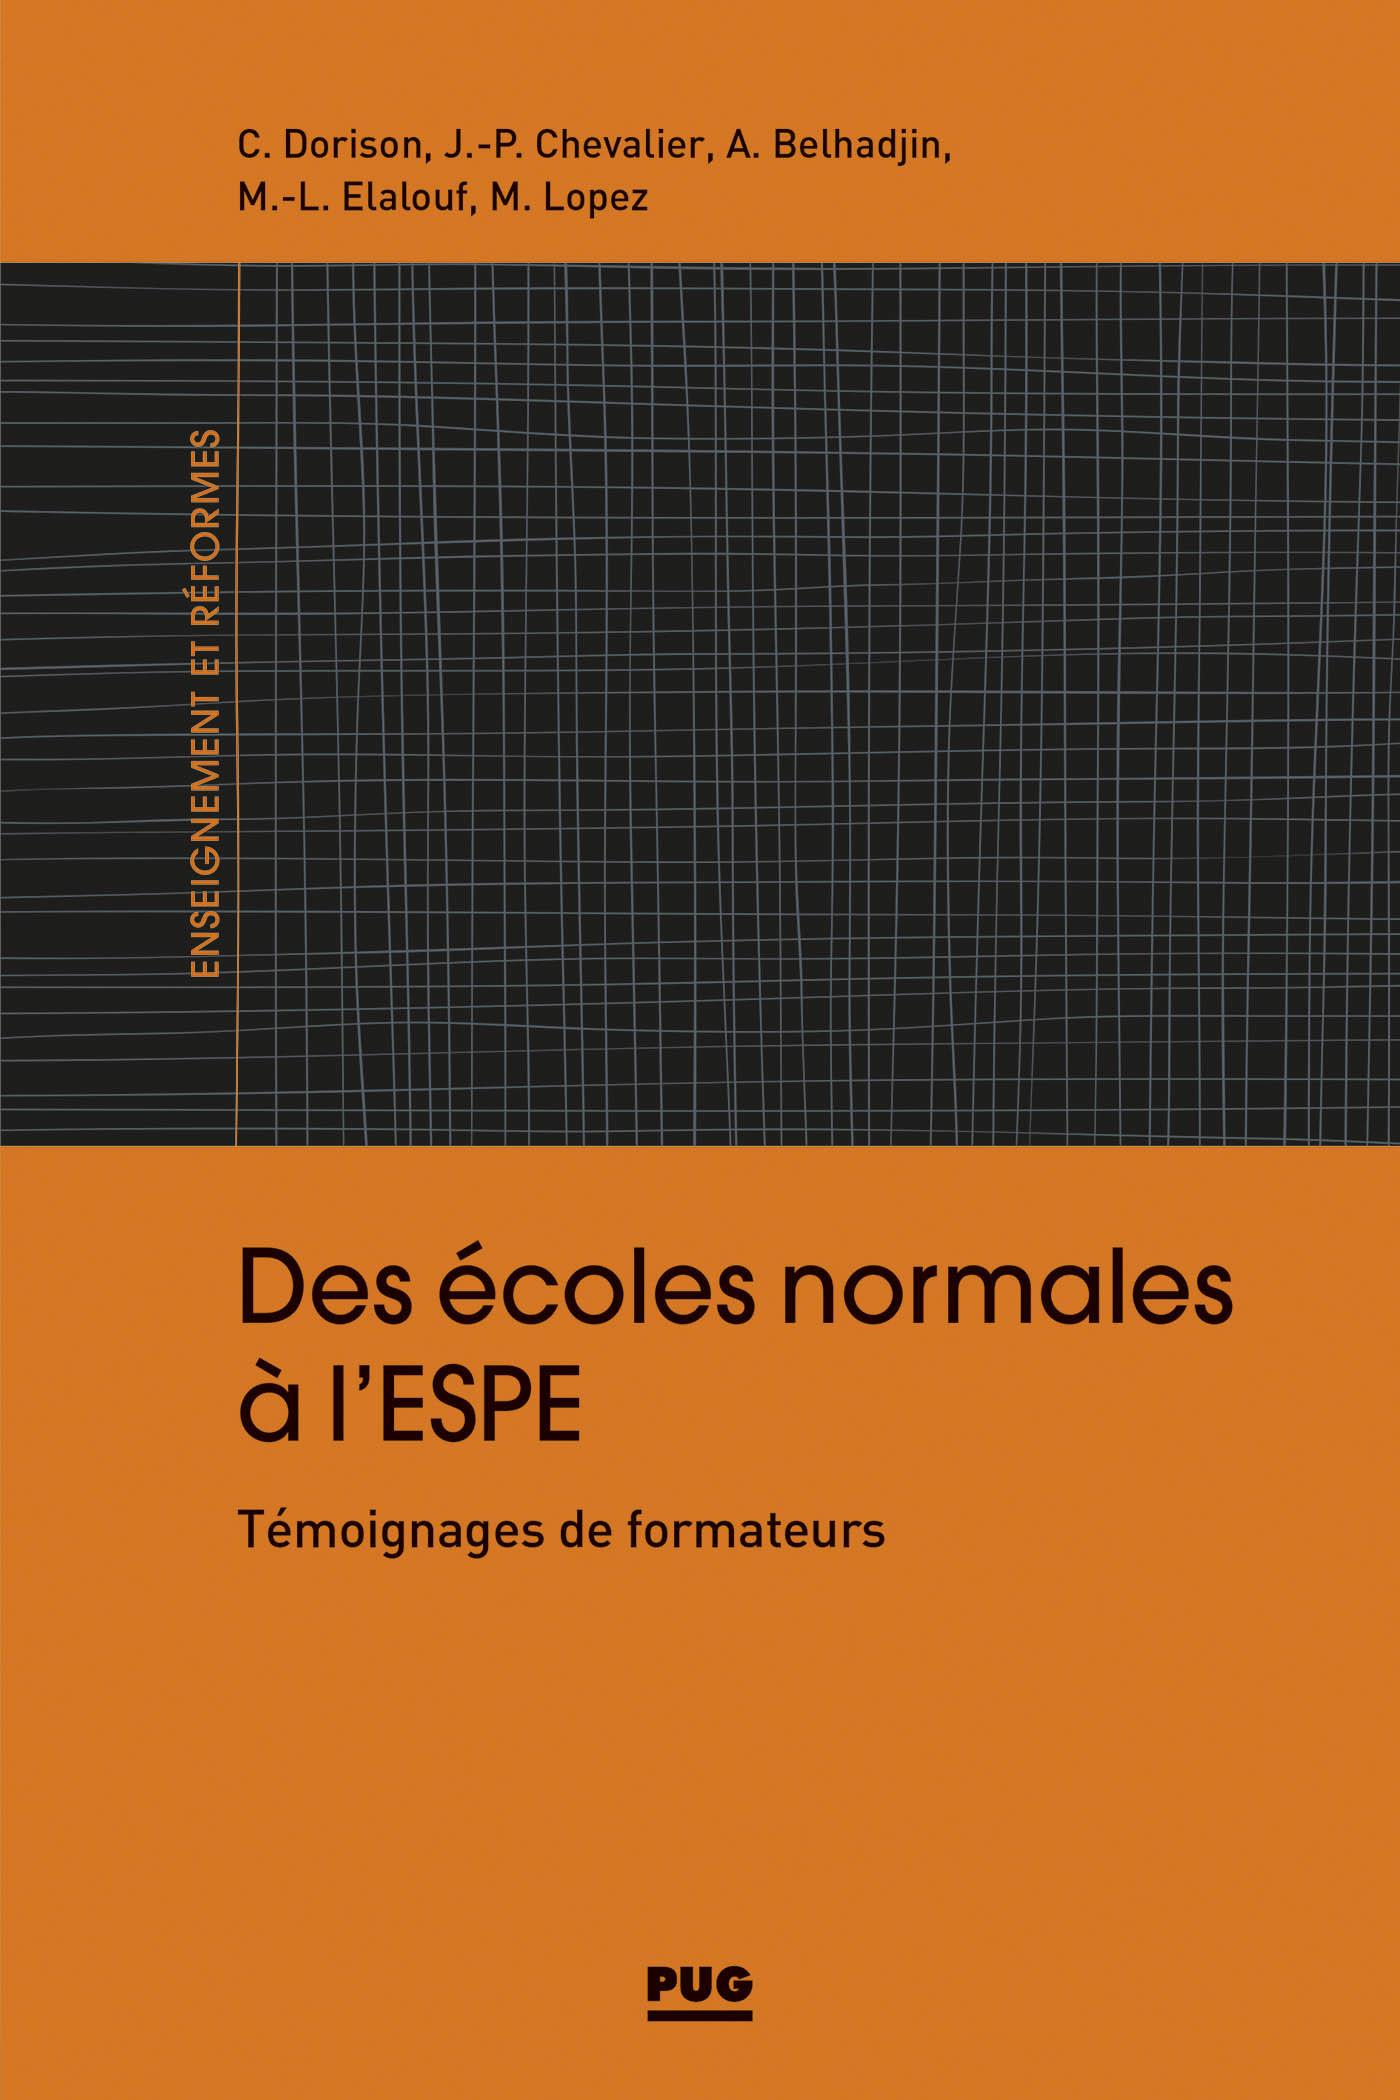 ECOLES NORMALES A L'ESPE (DES)